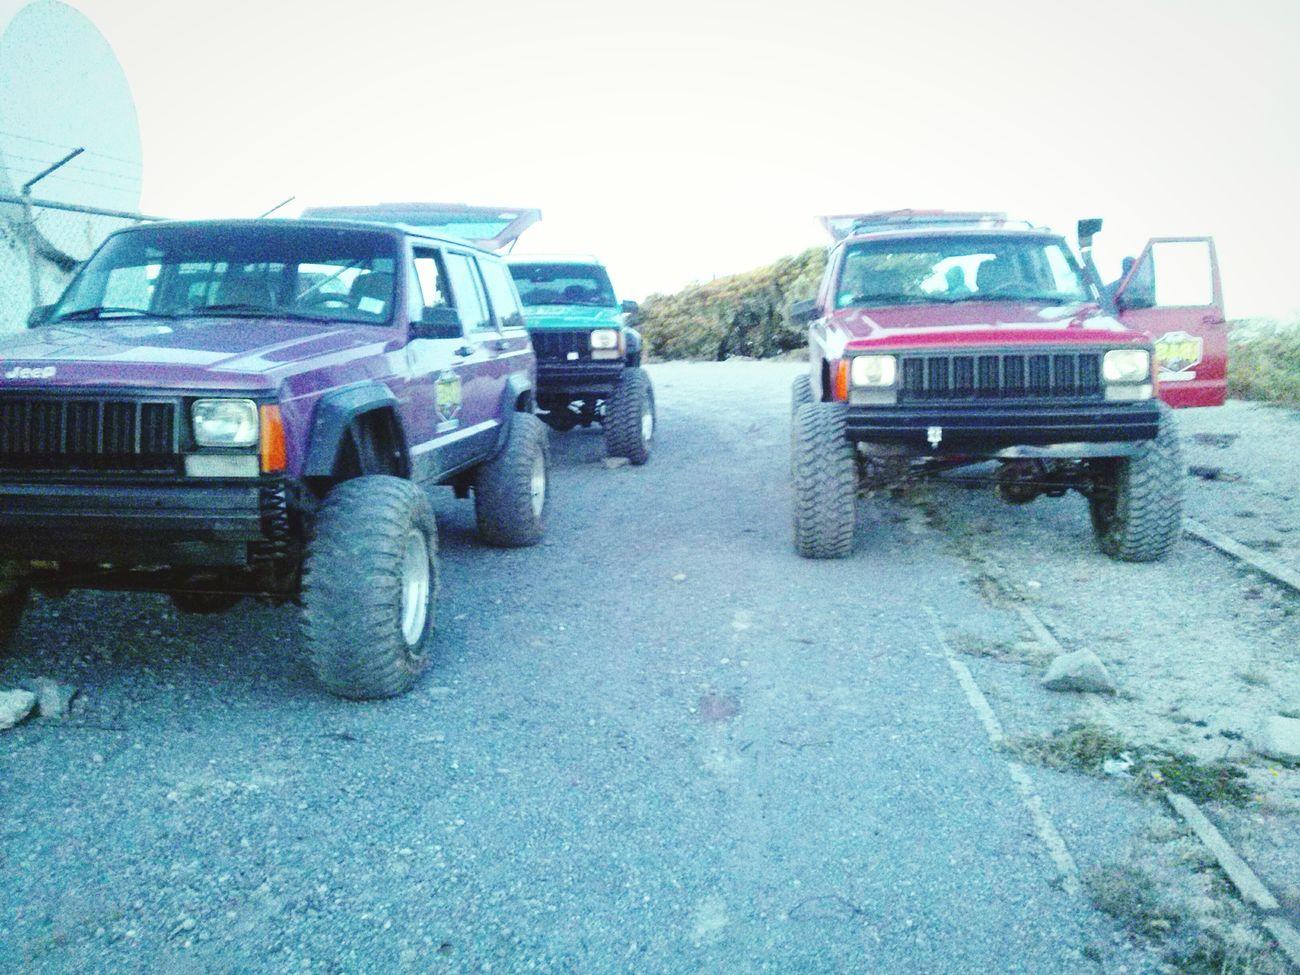 Rural Scene No People Sky Day Volcano National Park 4x4 Trucks